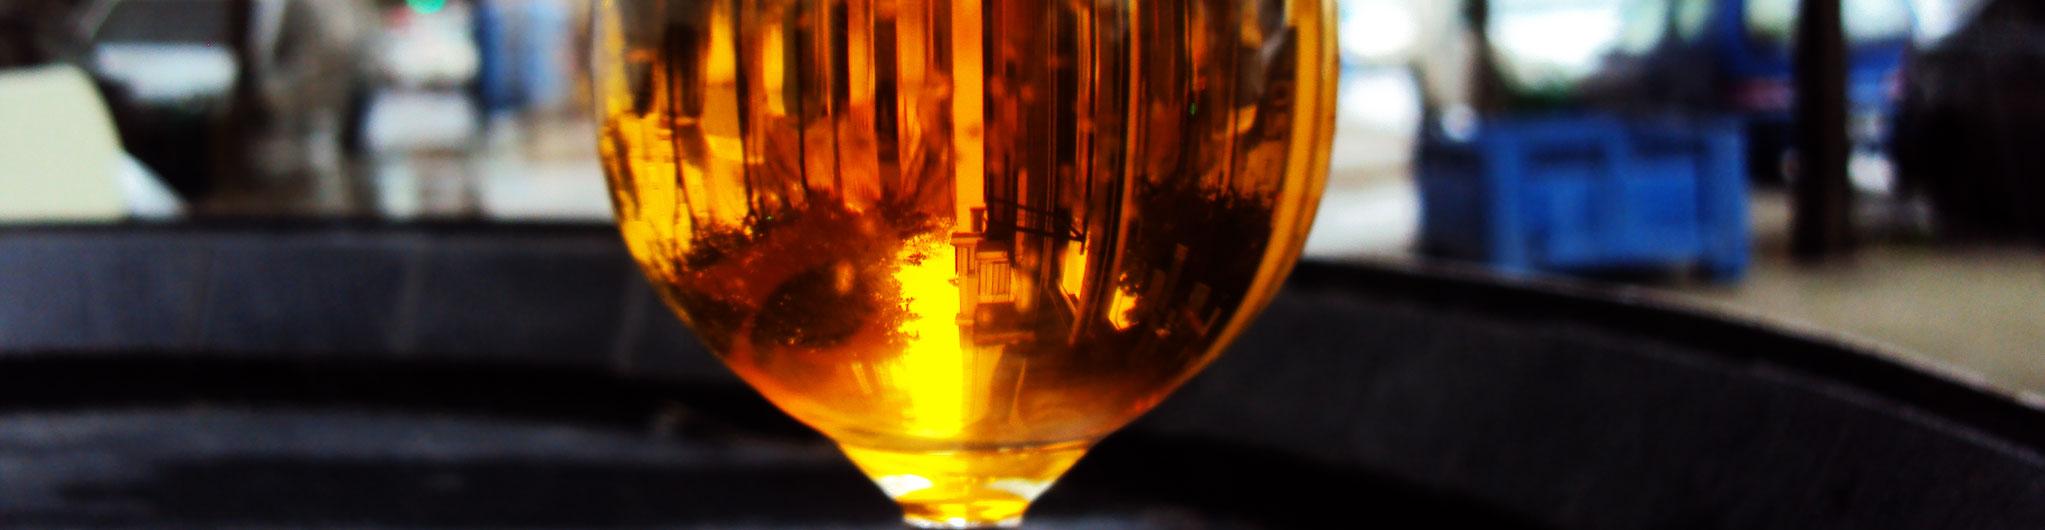 Copa de Oloroso, La Bodeguita Despacho de Vinos